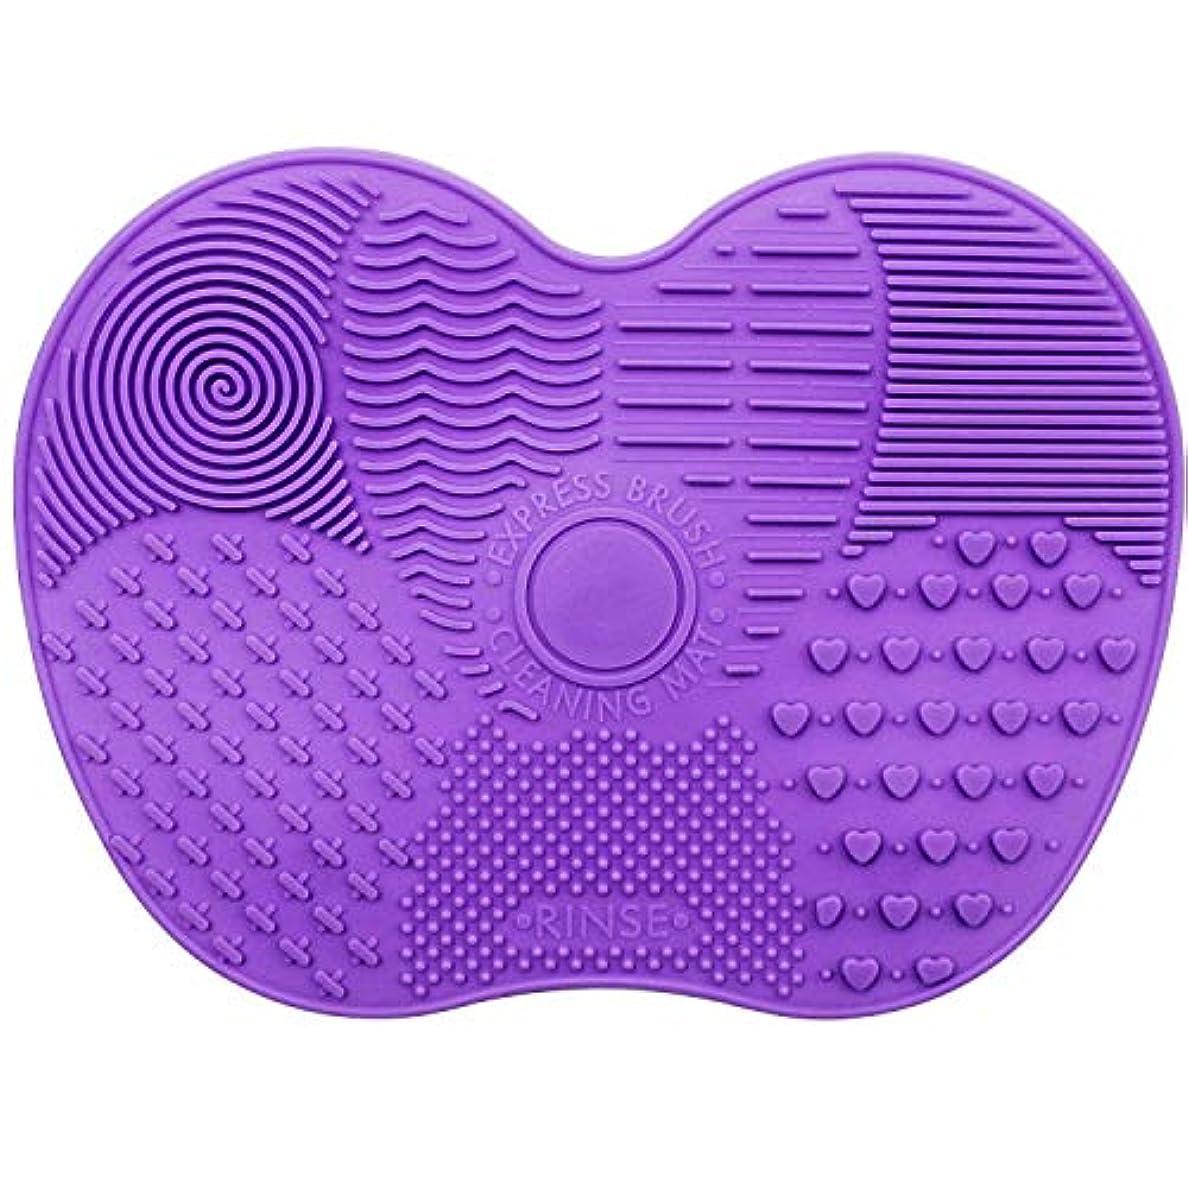 説得力のあるスピンコーンPichidr-JPメイクブラシ クリーナー シリコンマット化粧 洗浄 化粧筆 筆洗い(パープル)